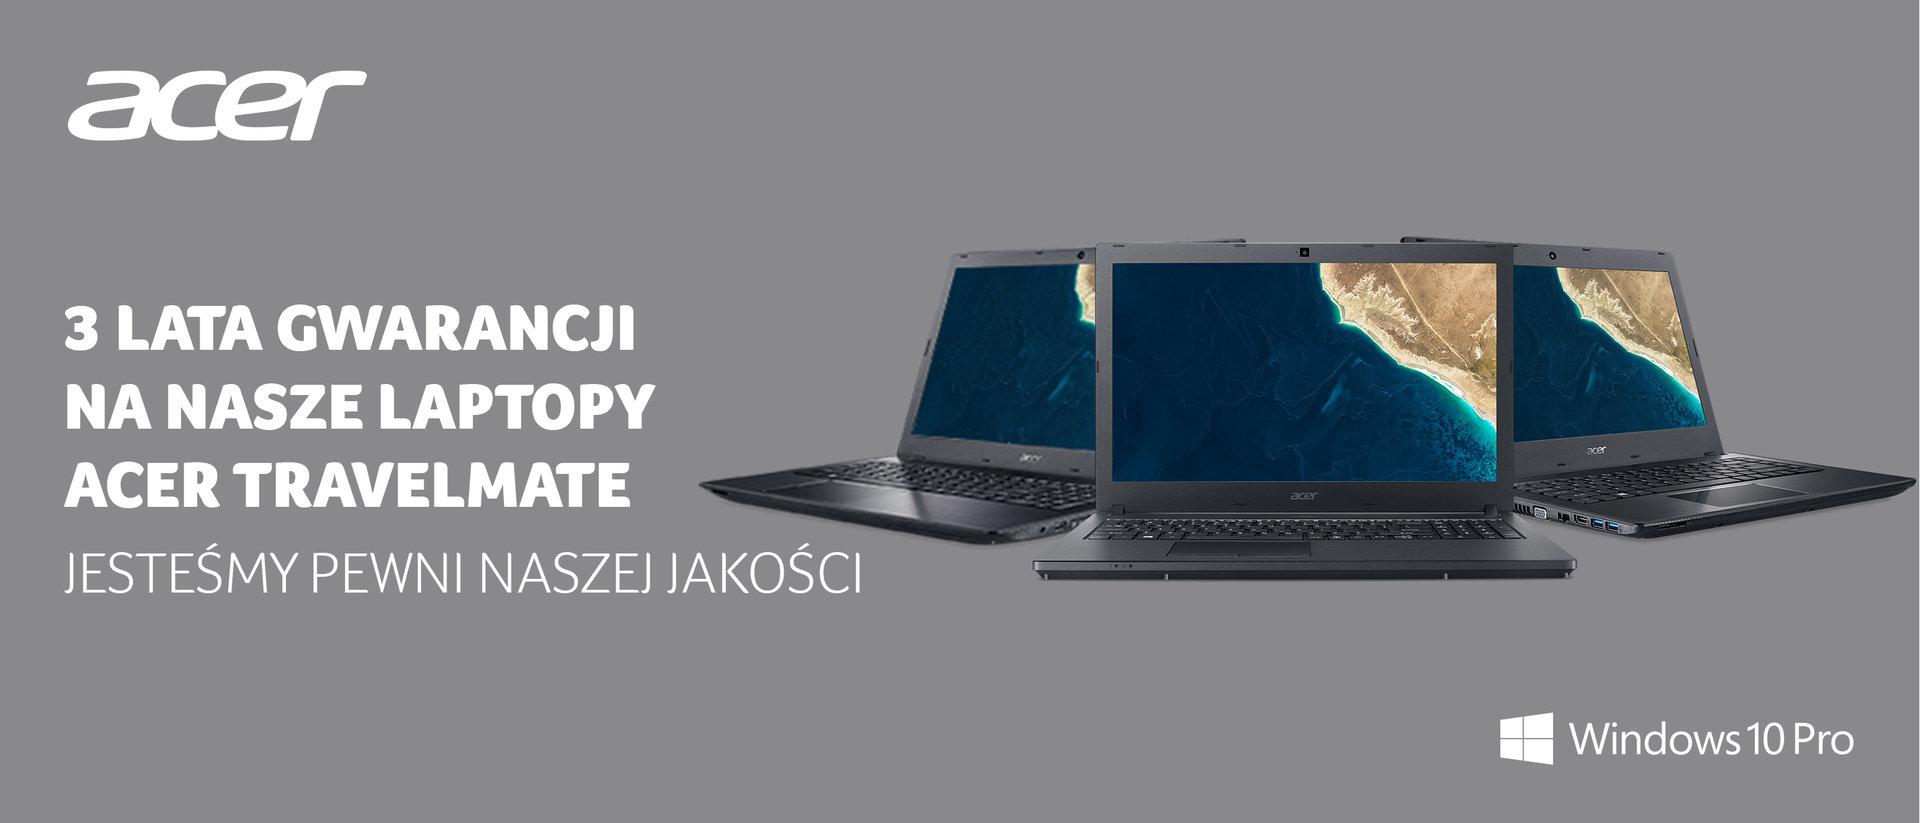 Trzy lata gwarancji na laptopy biznesowe z serii Acer TravelMate